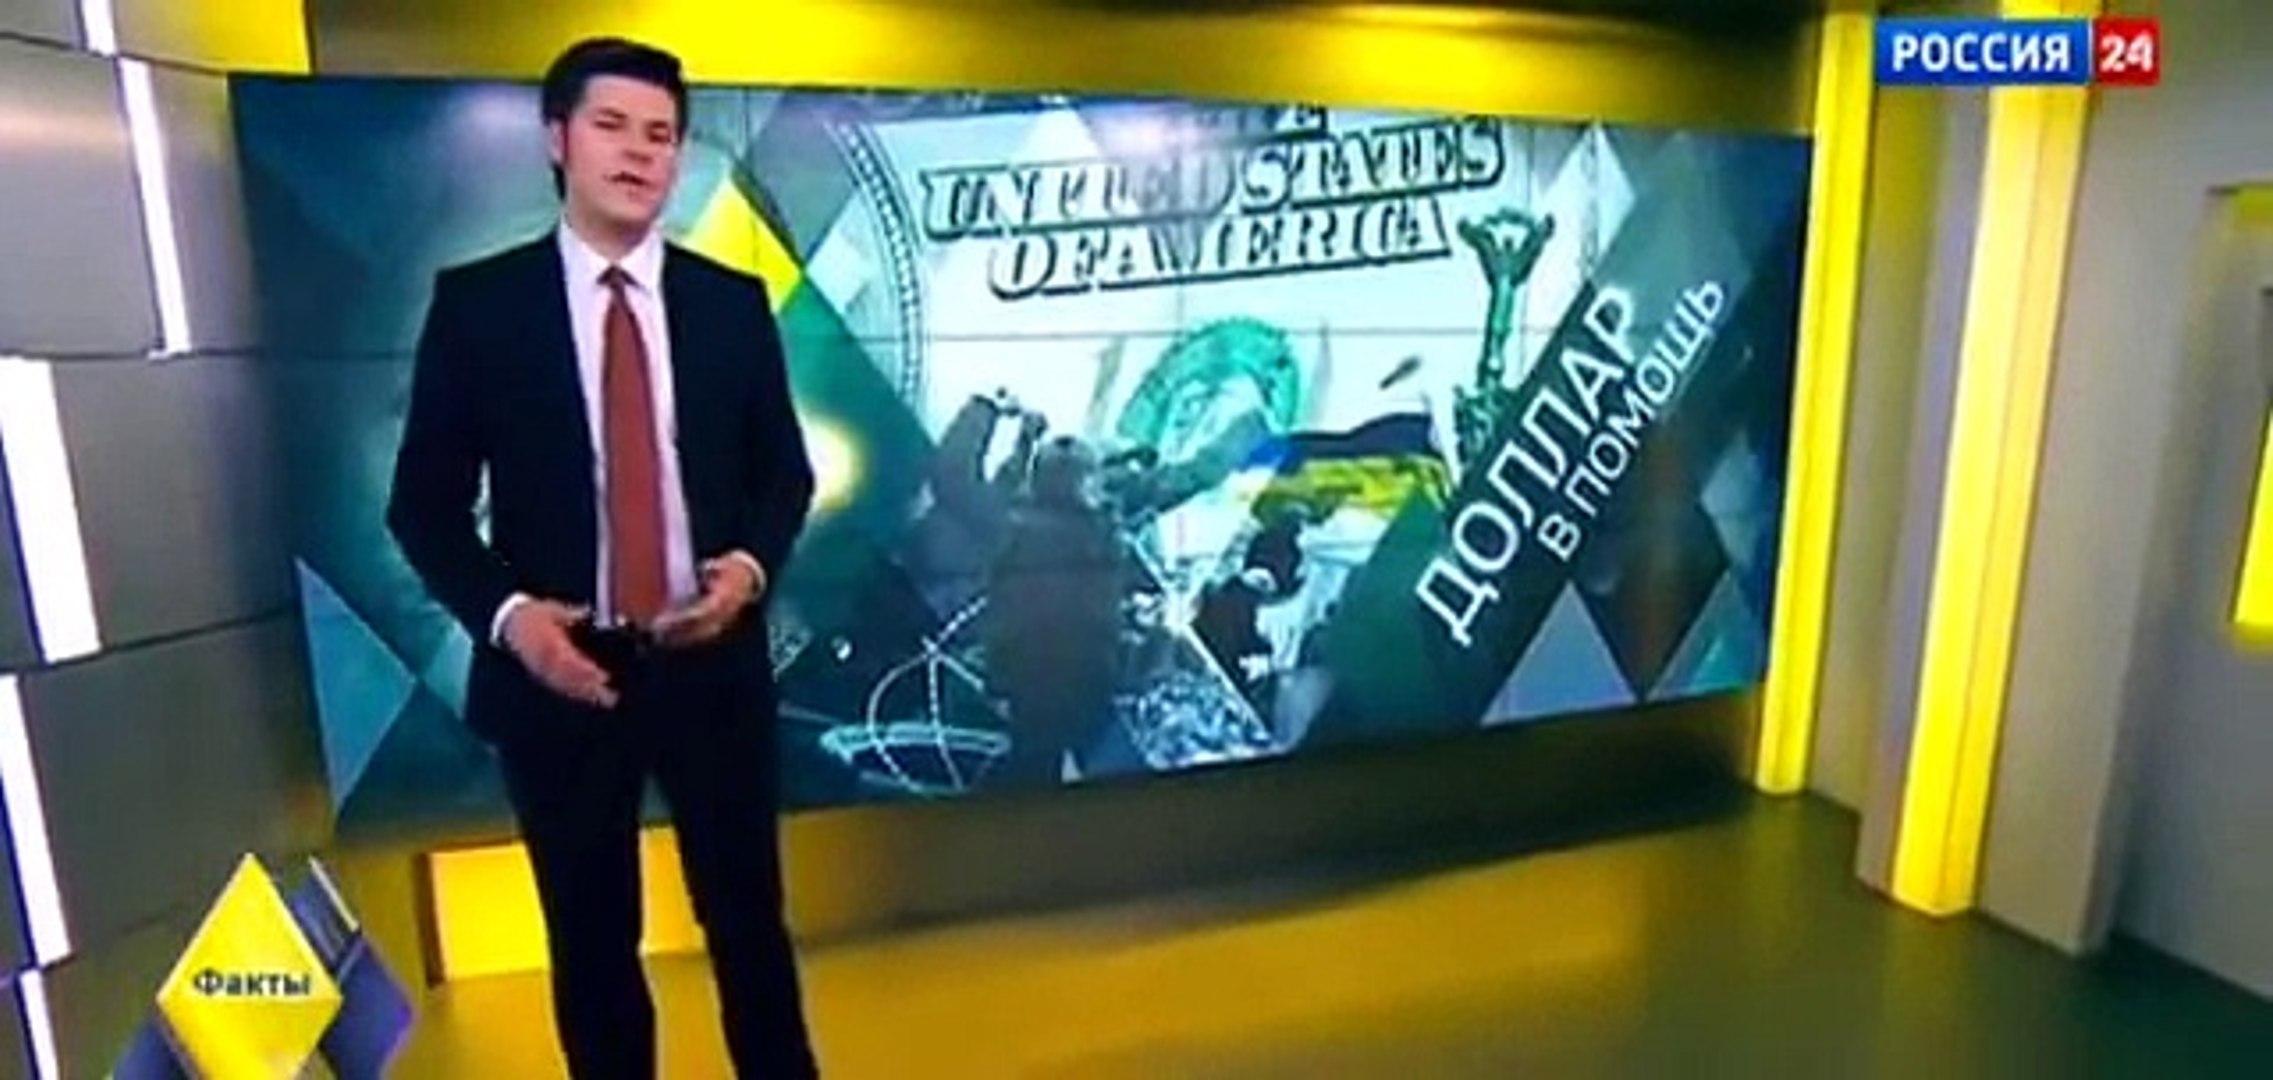 Доллар в помощь «Факты» 22 04 2014